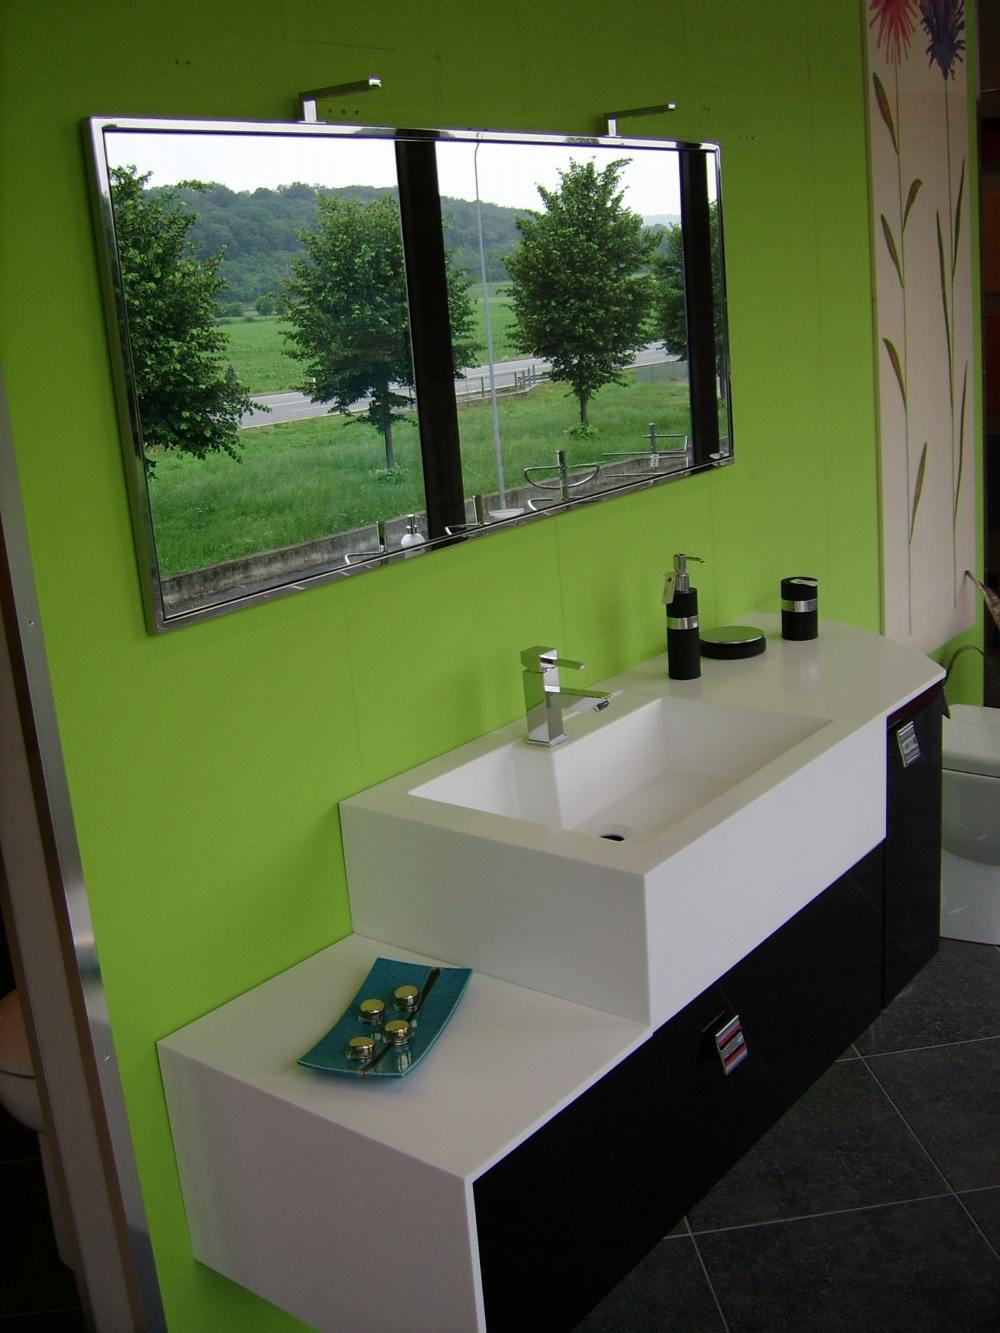 mobili bagno torino e provincia. mobile bagno compab con ... - Negozi Arredo Bagno Torino E Provincia